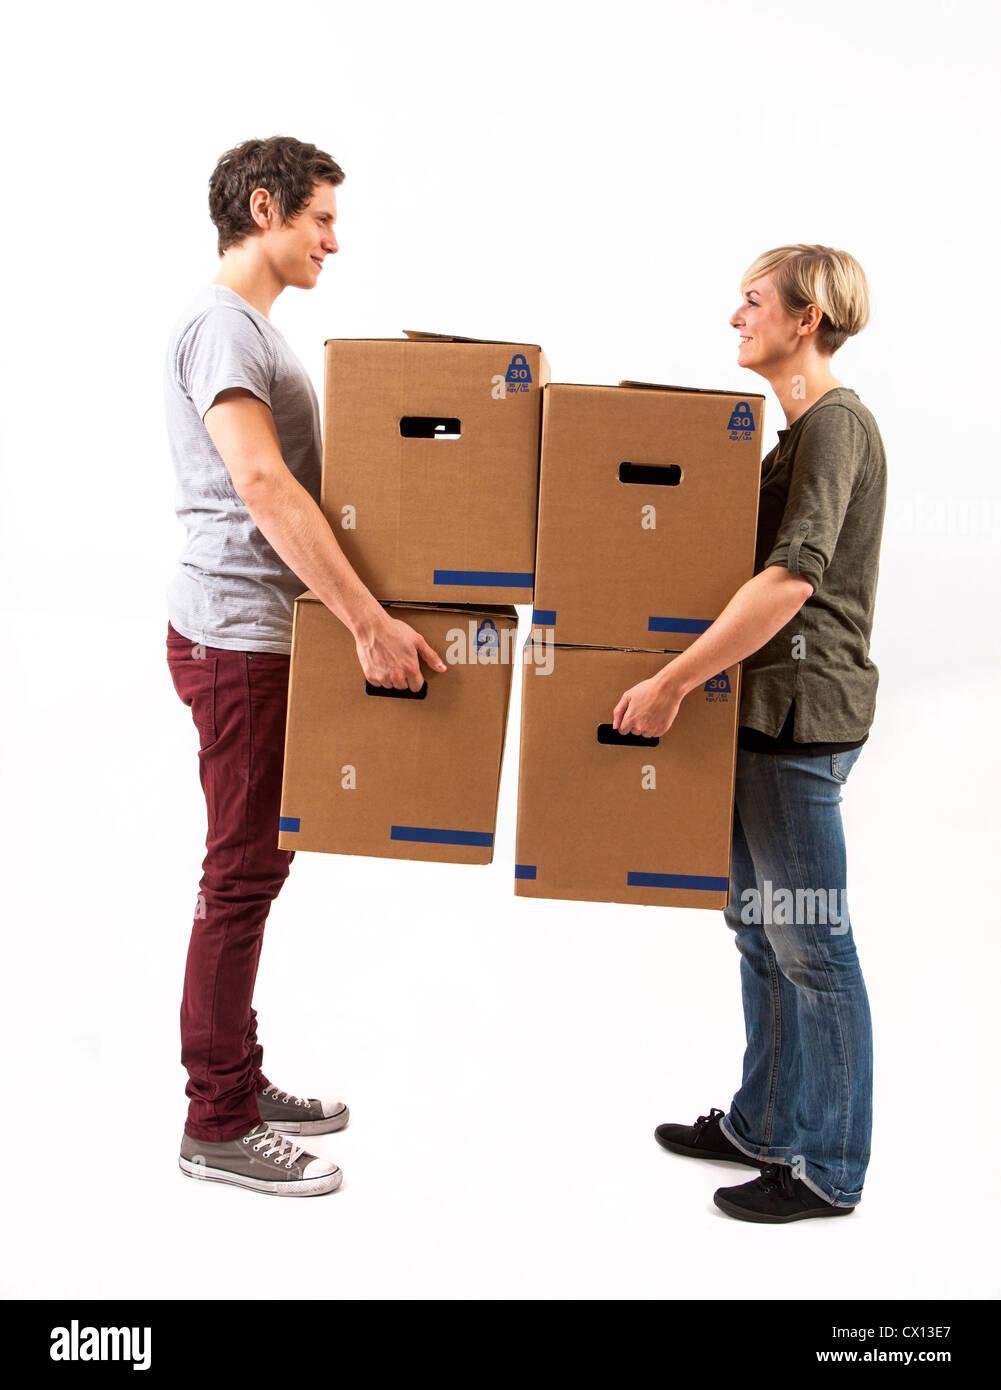 Auszug Symbolfoto umziehen Umzug,,. Junges Paar trägt Umzugskartons. Pappkarton Umzugskisten aus. Foto de stock